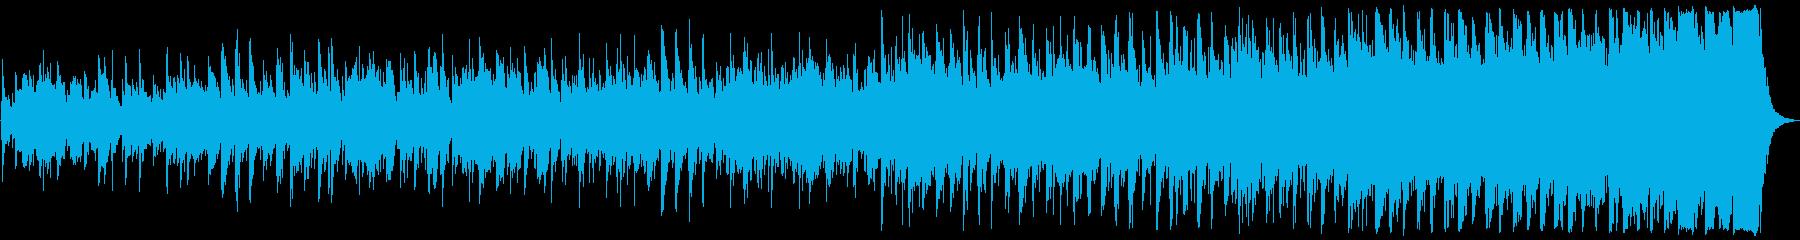 クラシック 交響曲 ドラマチック ...の再生済みの波形